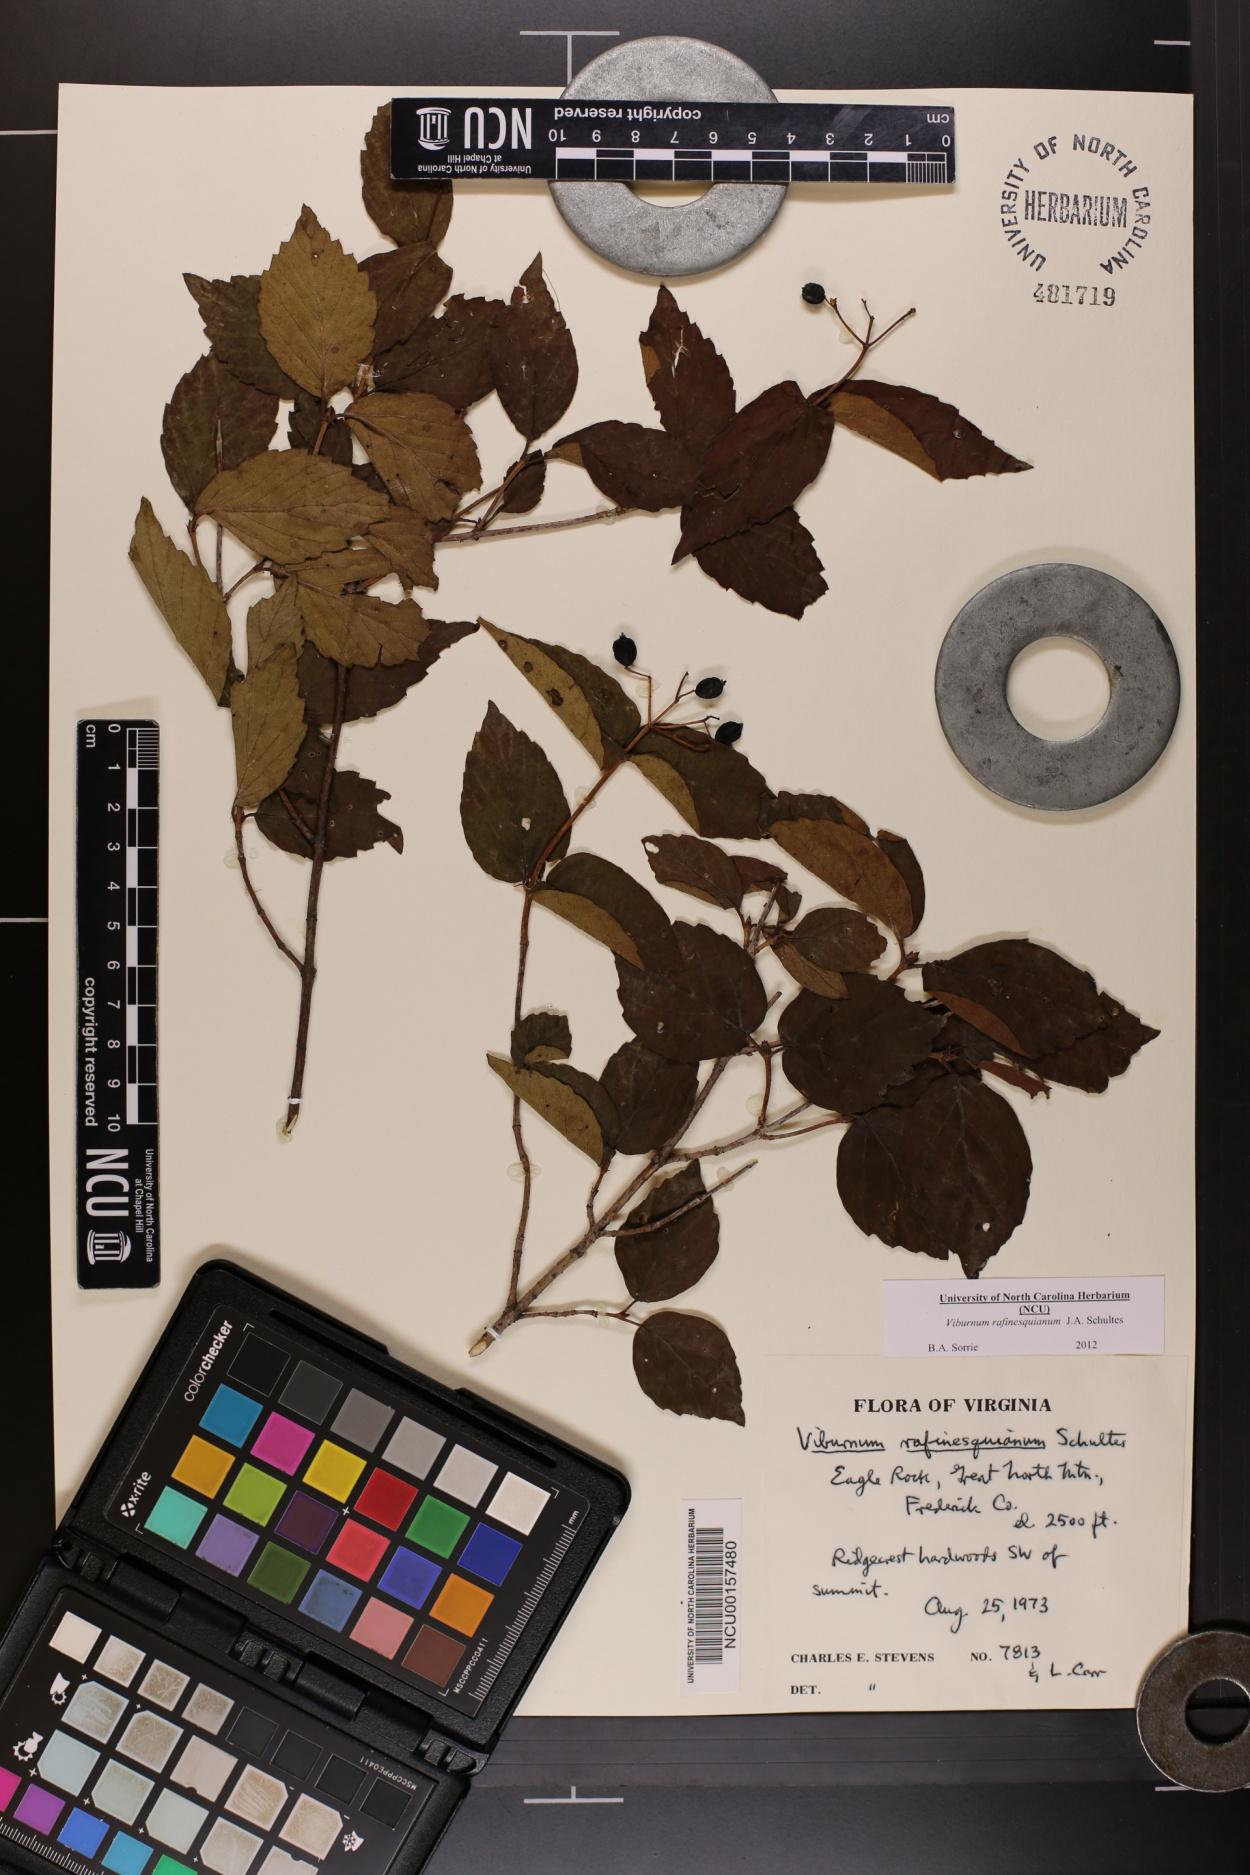 Viburnum rafinesqueanum var. affine image